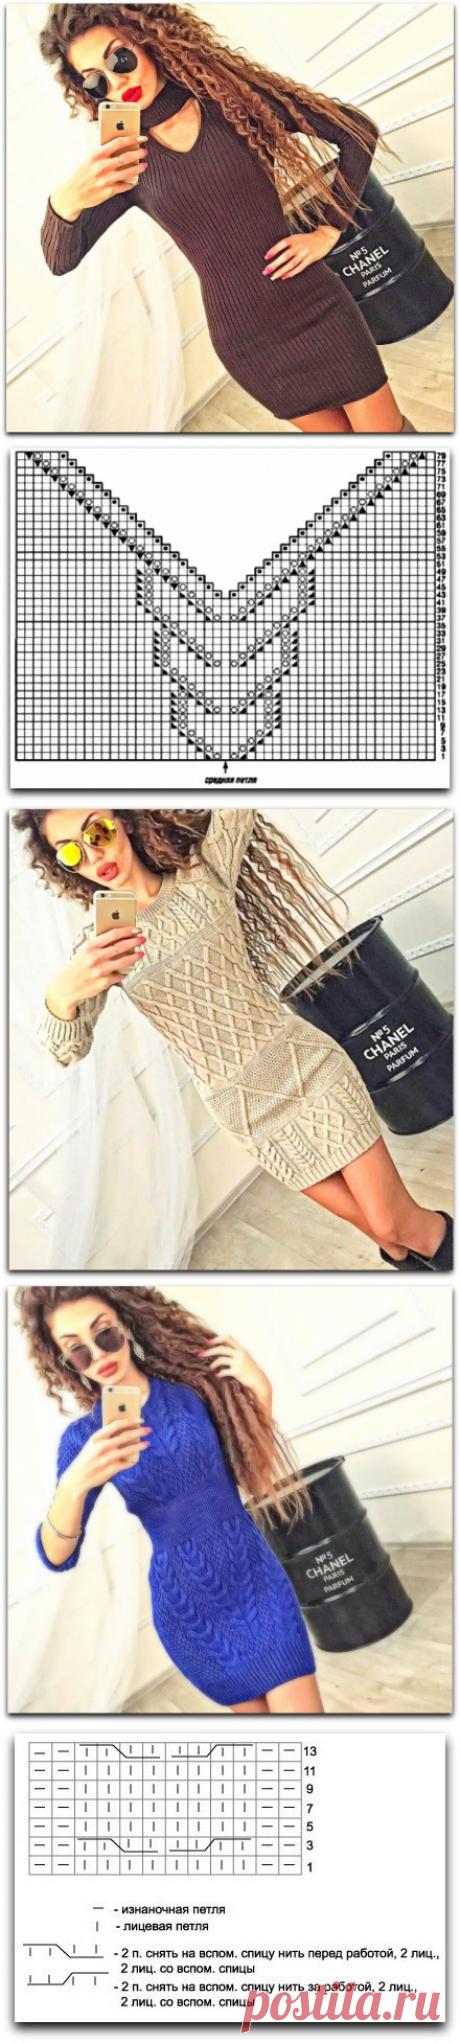 Пора вязать красивые платья: три интересных варианта спицами и схемы к ним | Paradosik_Handmade | Яндекс Дзен